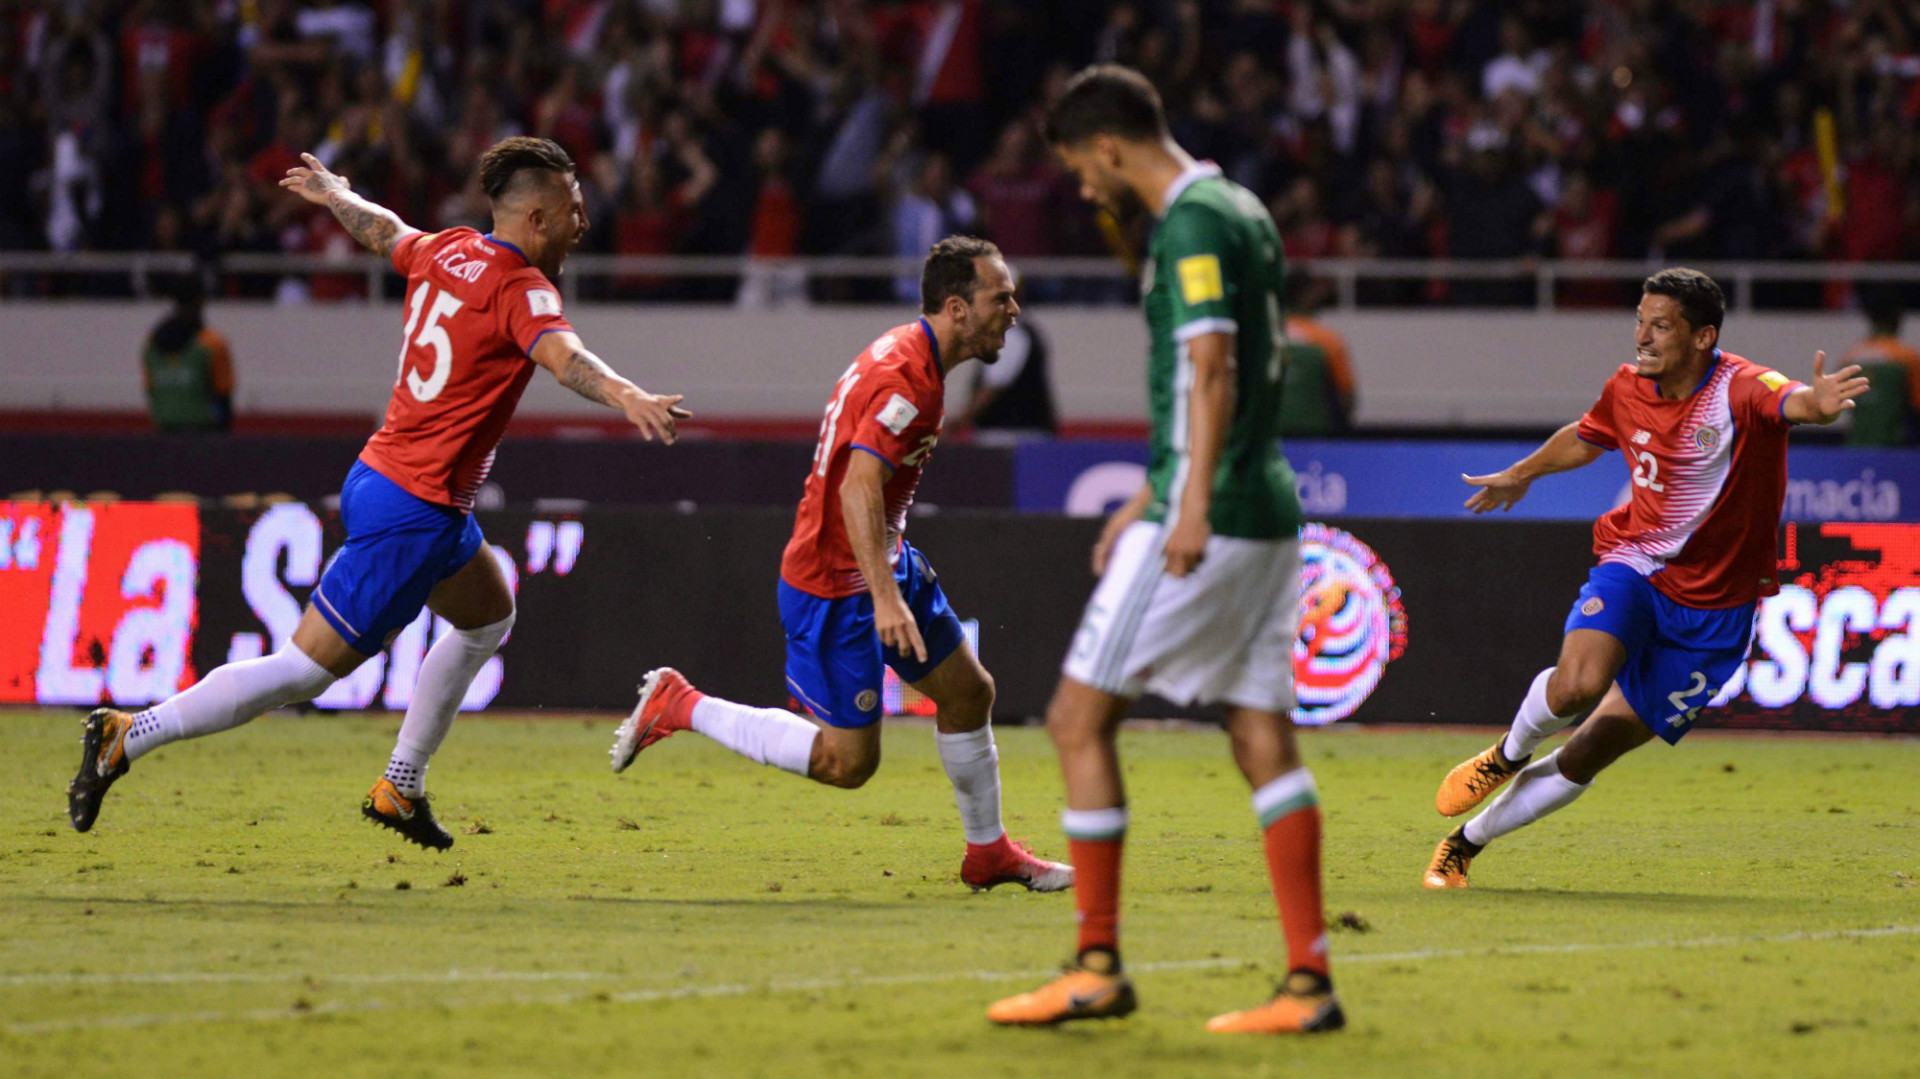 Diego Reyes Mexico Francisco Calvo Marco Urena Jose Guillermo Ortiz Costa Rica